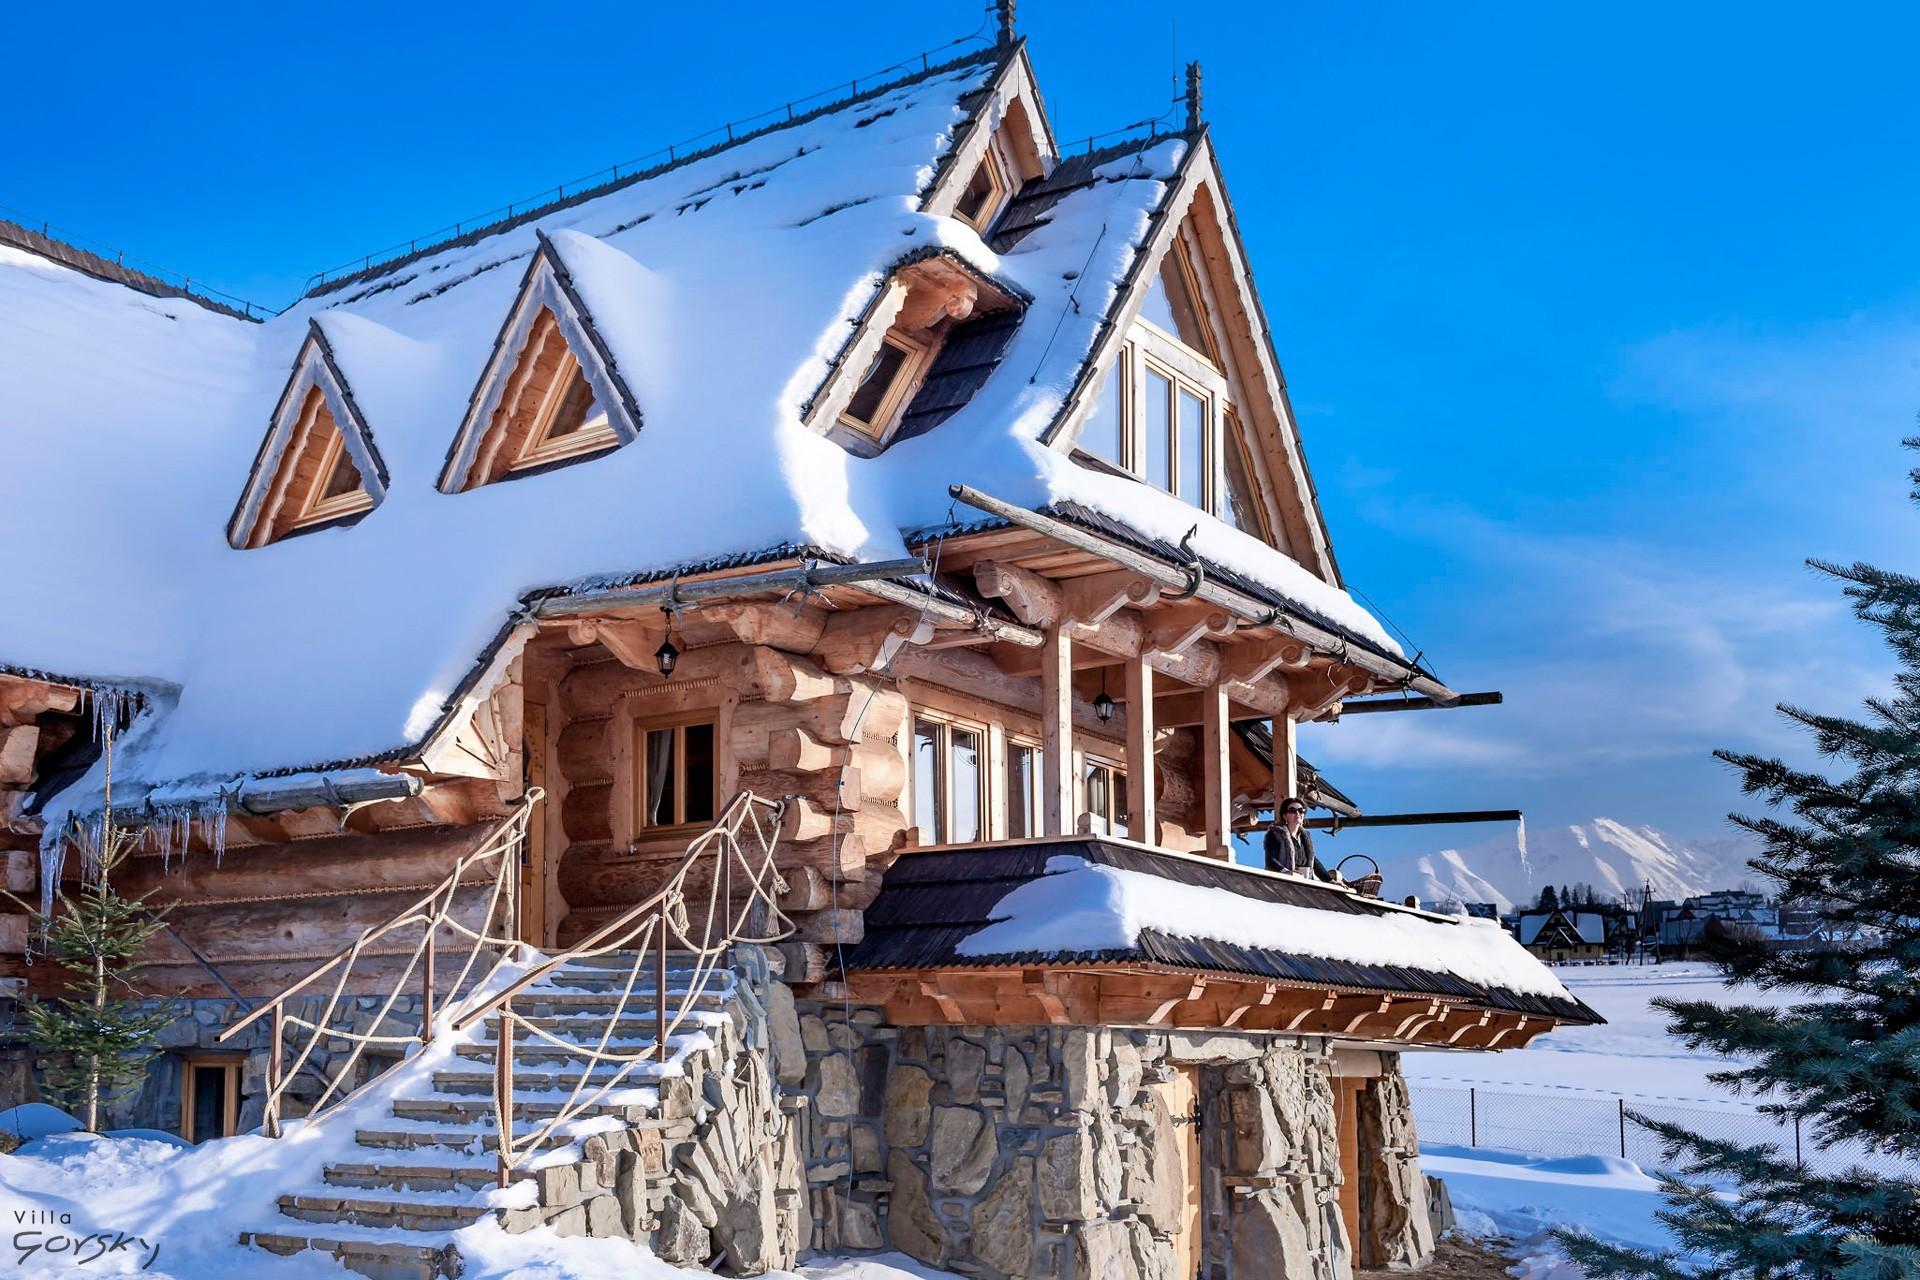 Zakopane-Villa-Gorsky